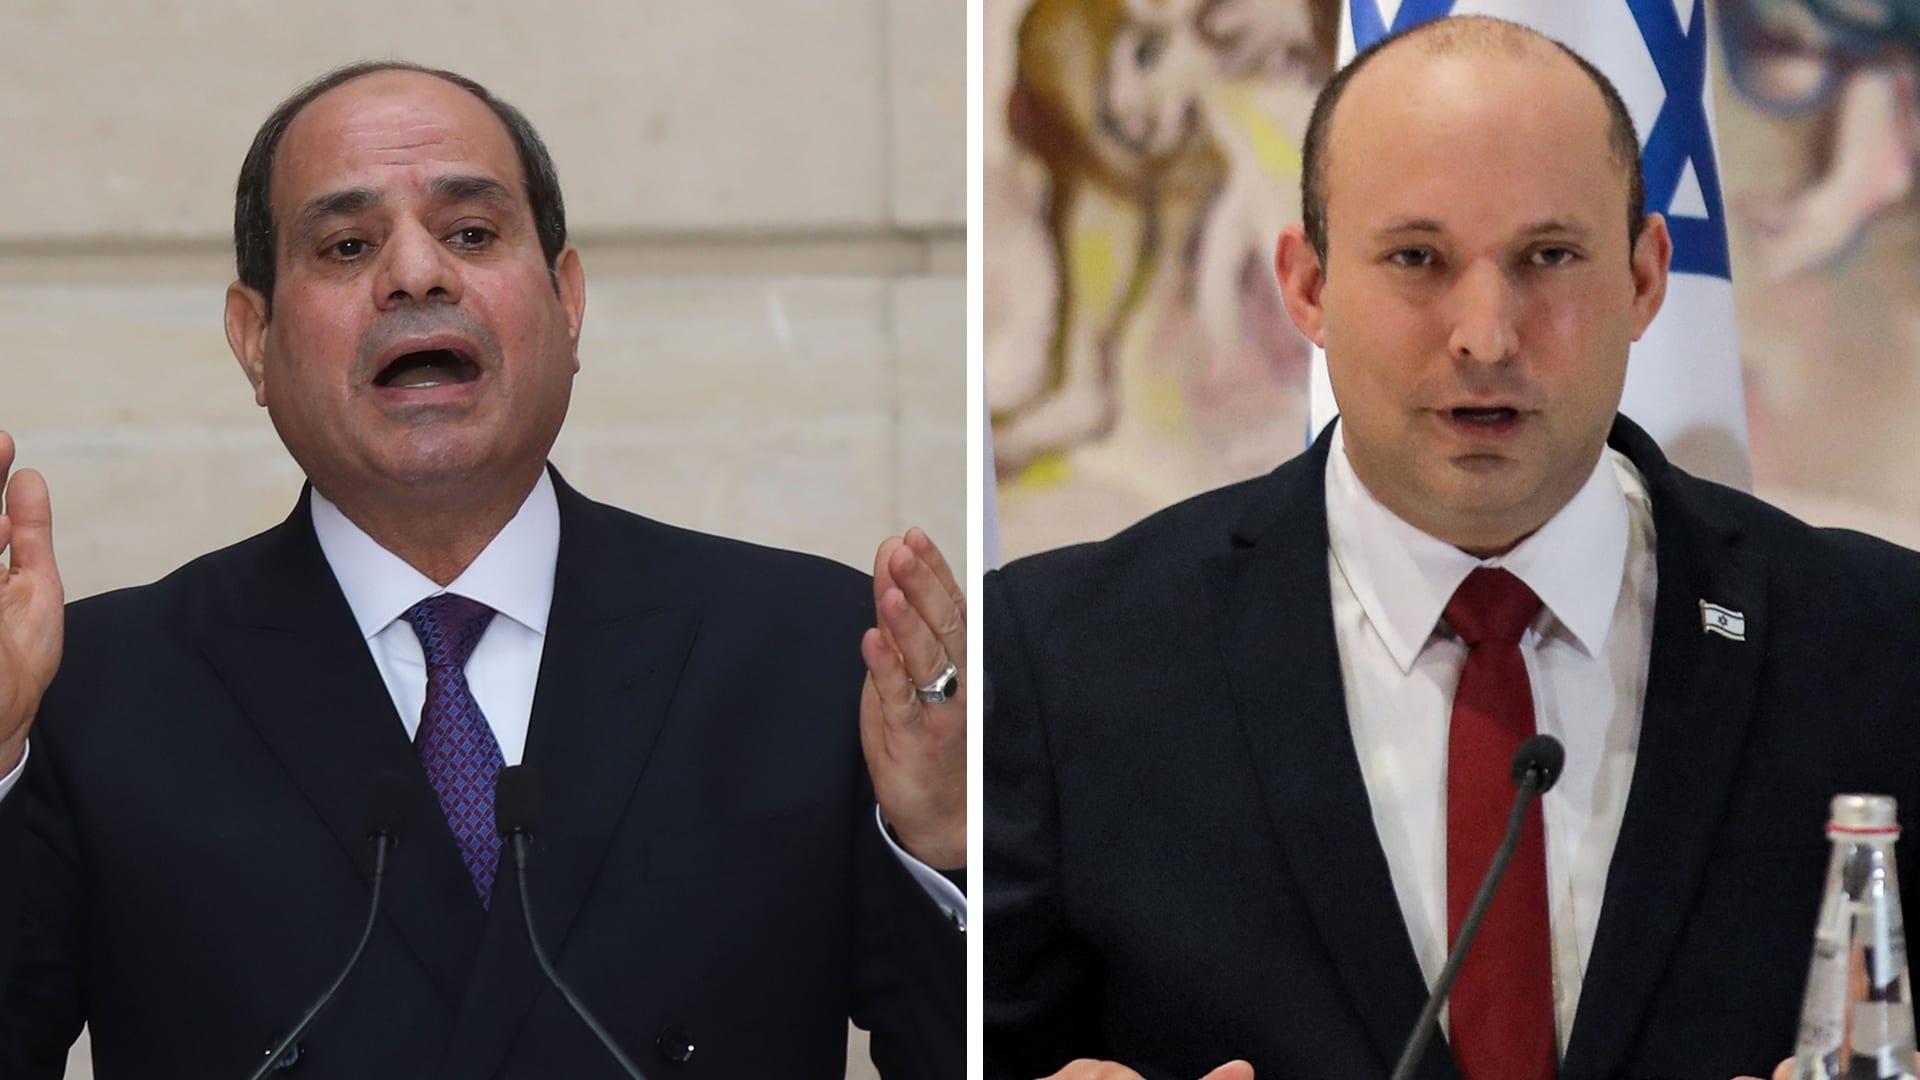      رئيس الوزراء الإسرائيلي، نفتالي بينيت والرئيس المصري عبدالفتاح السيسي